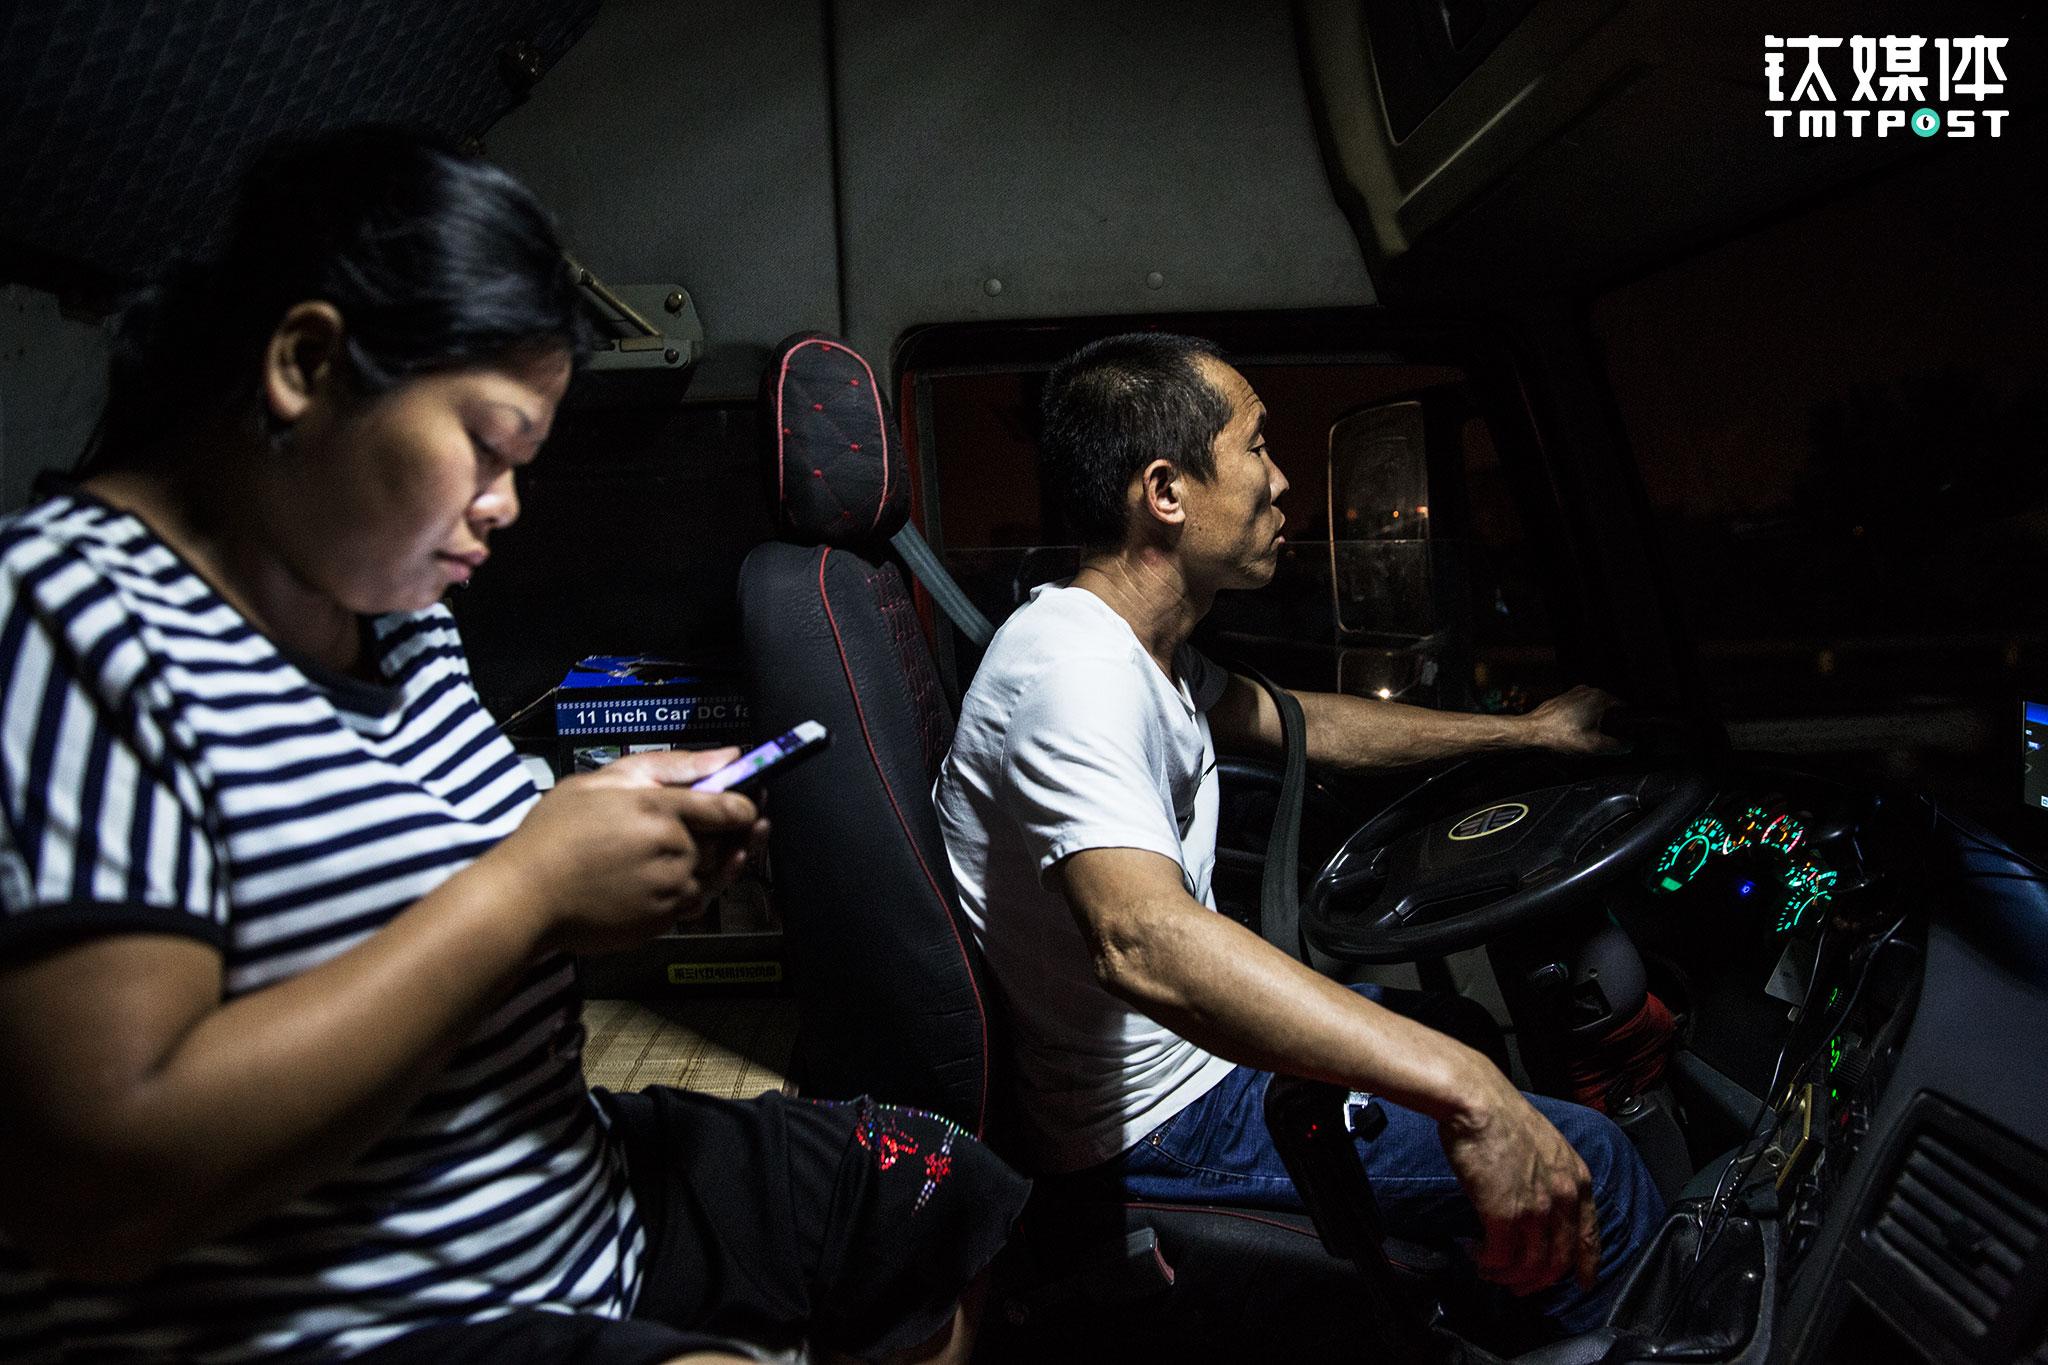 主人公:货车车主金强、王静夫妇。